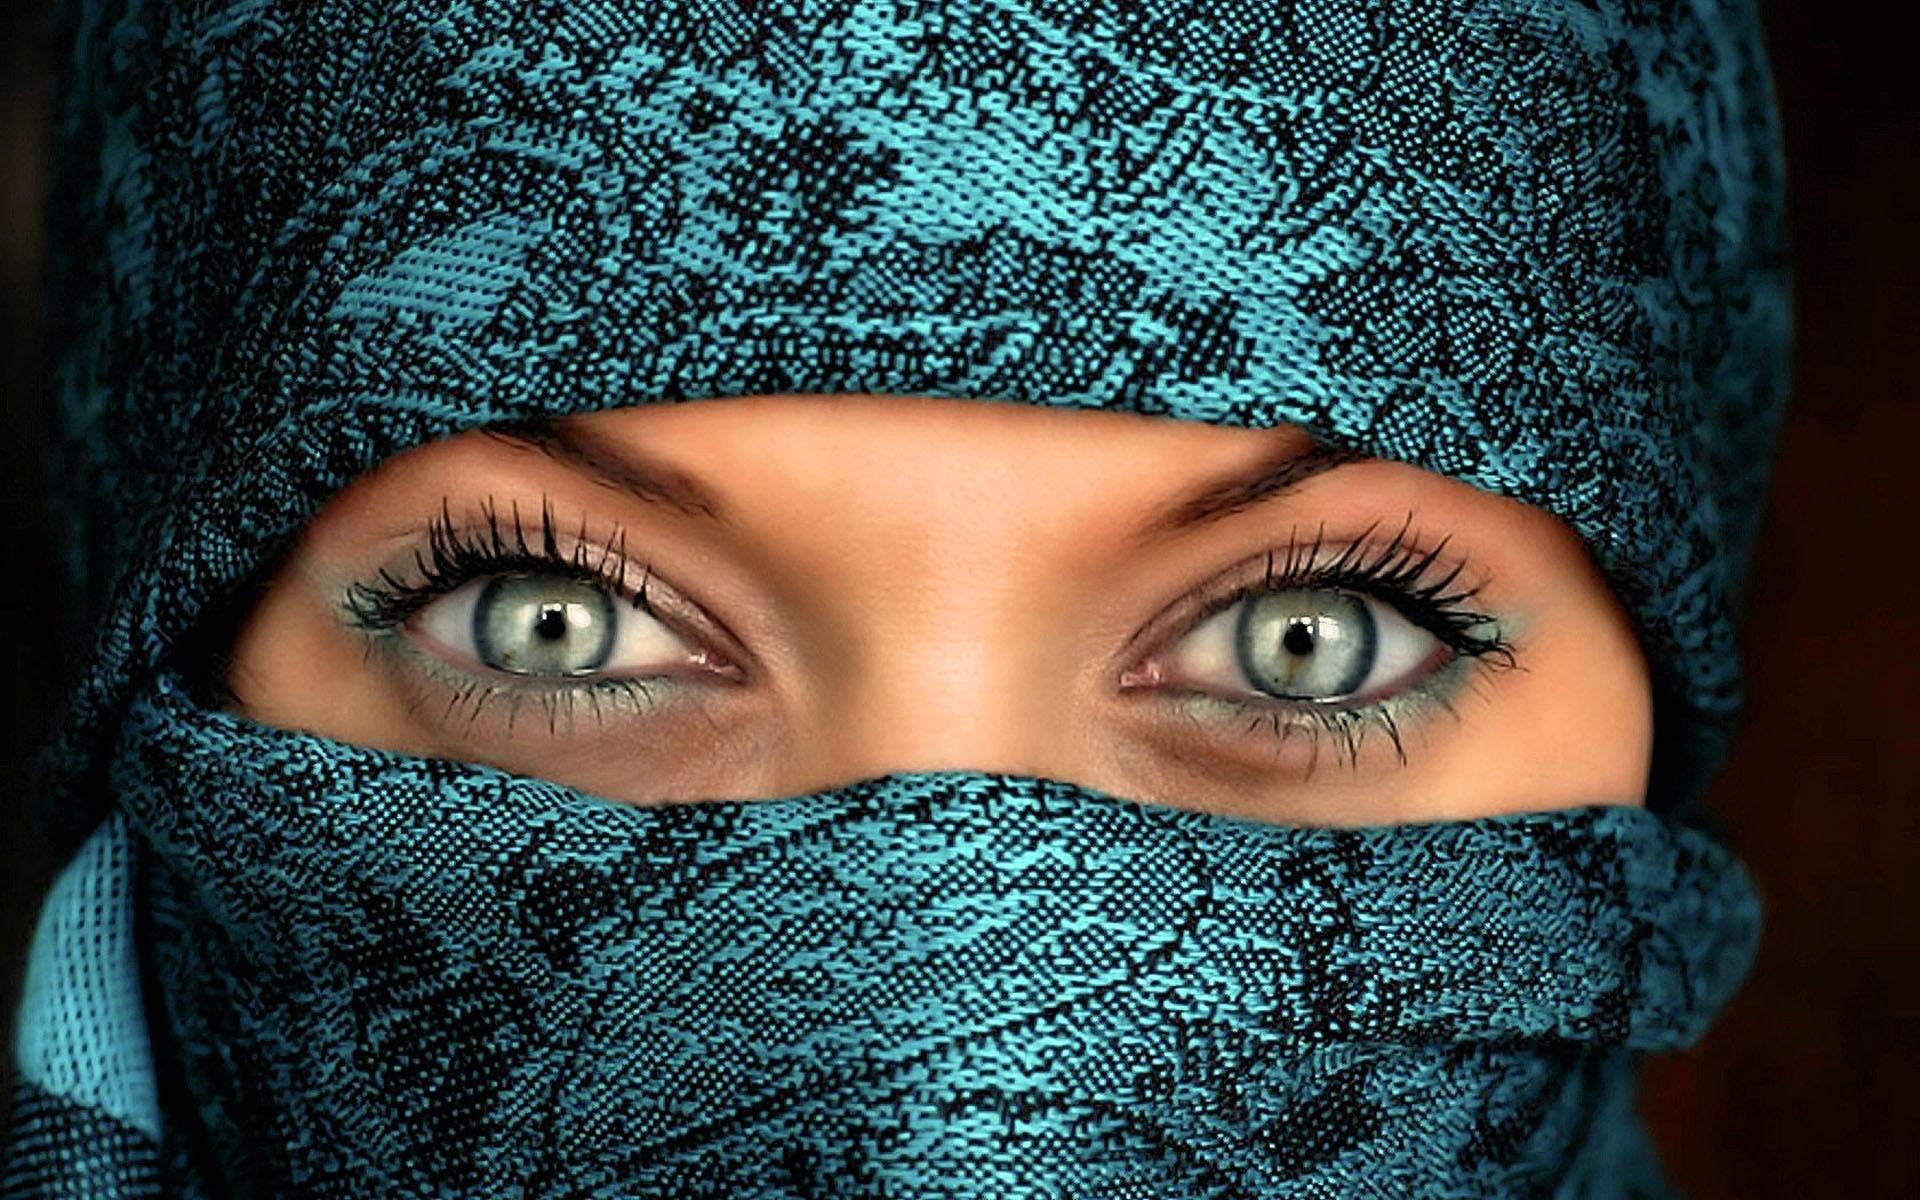 eyes of woman wearing nikab